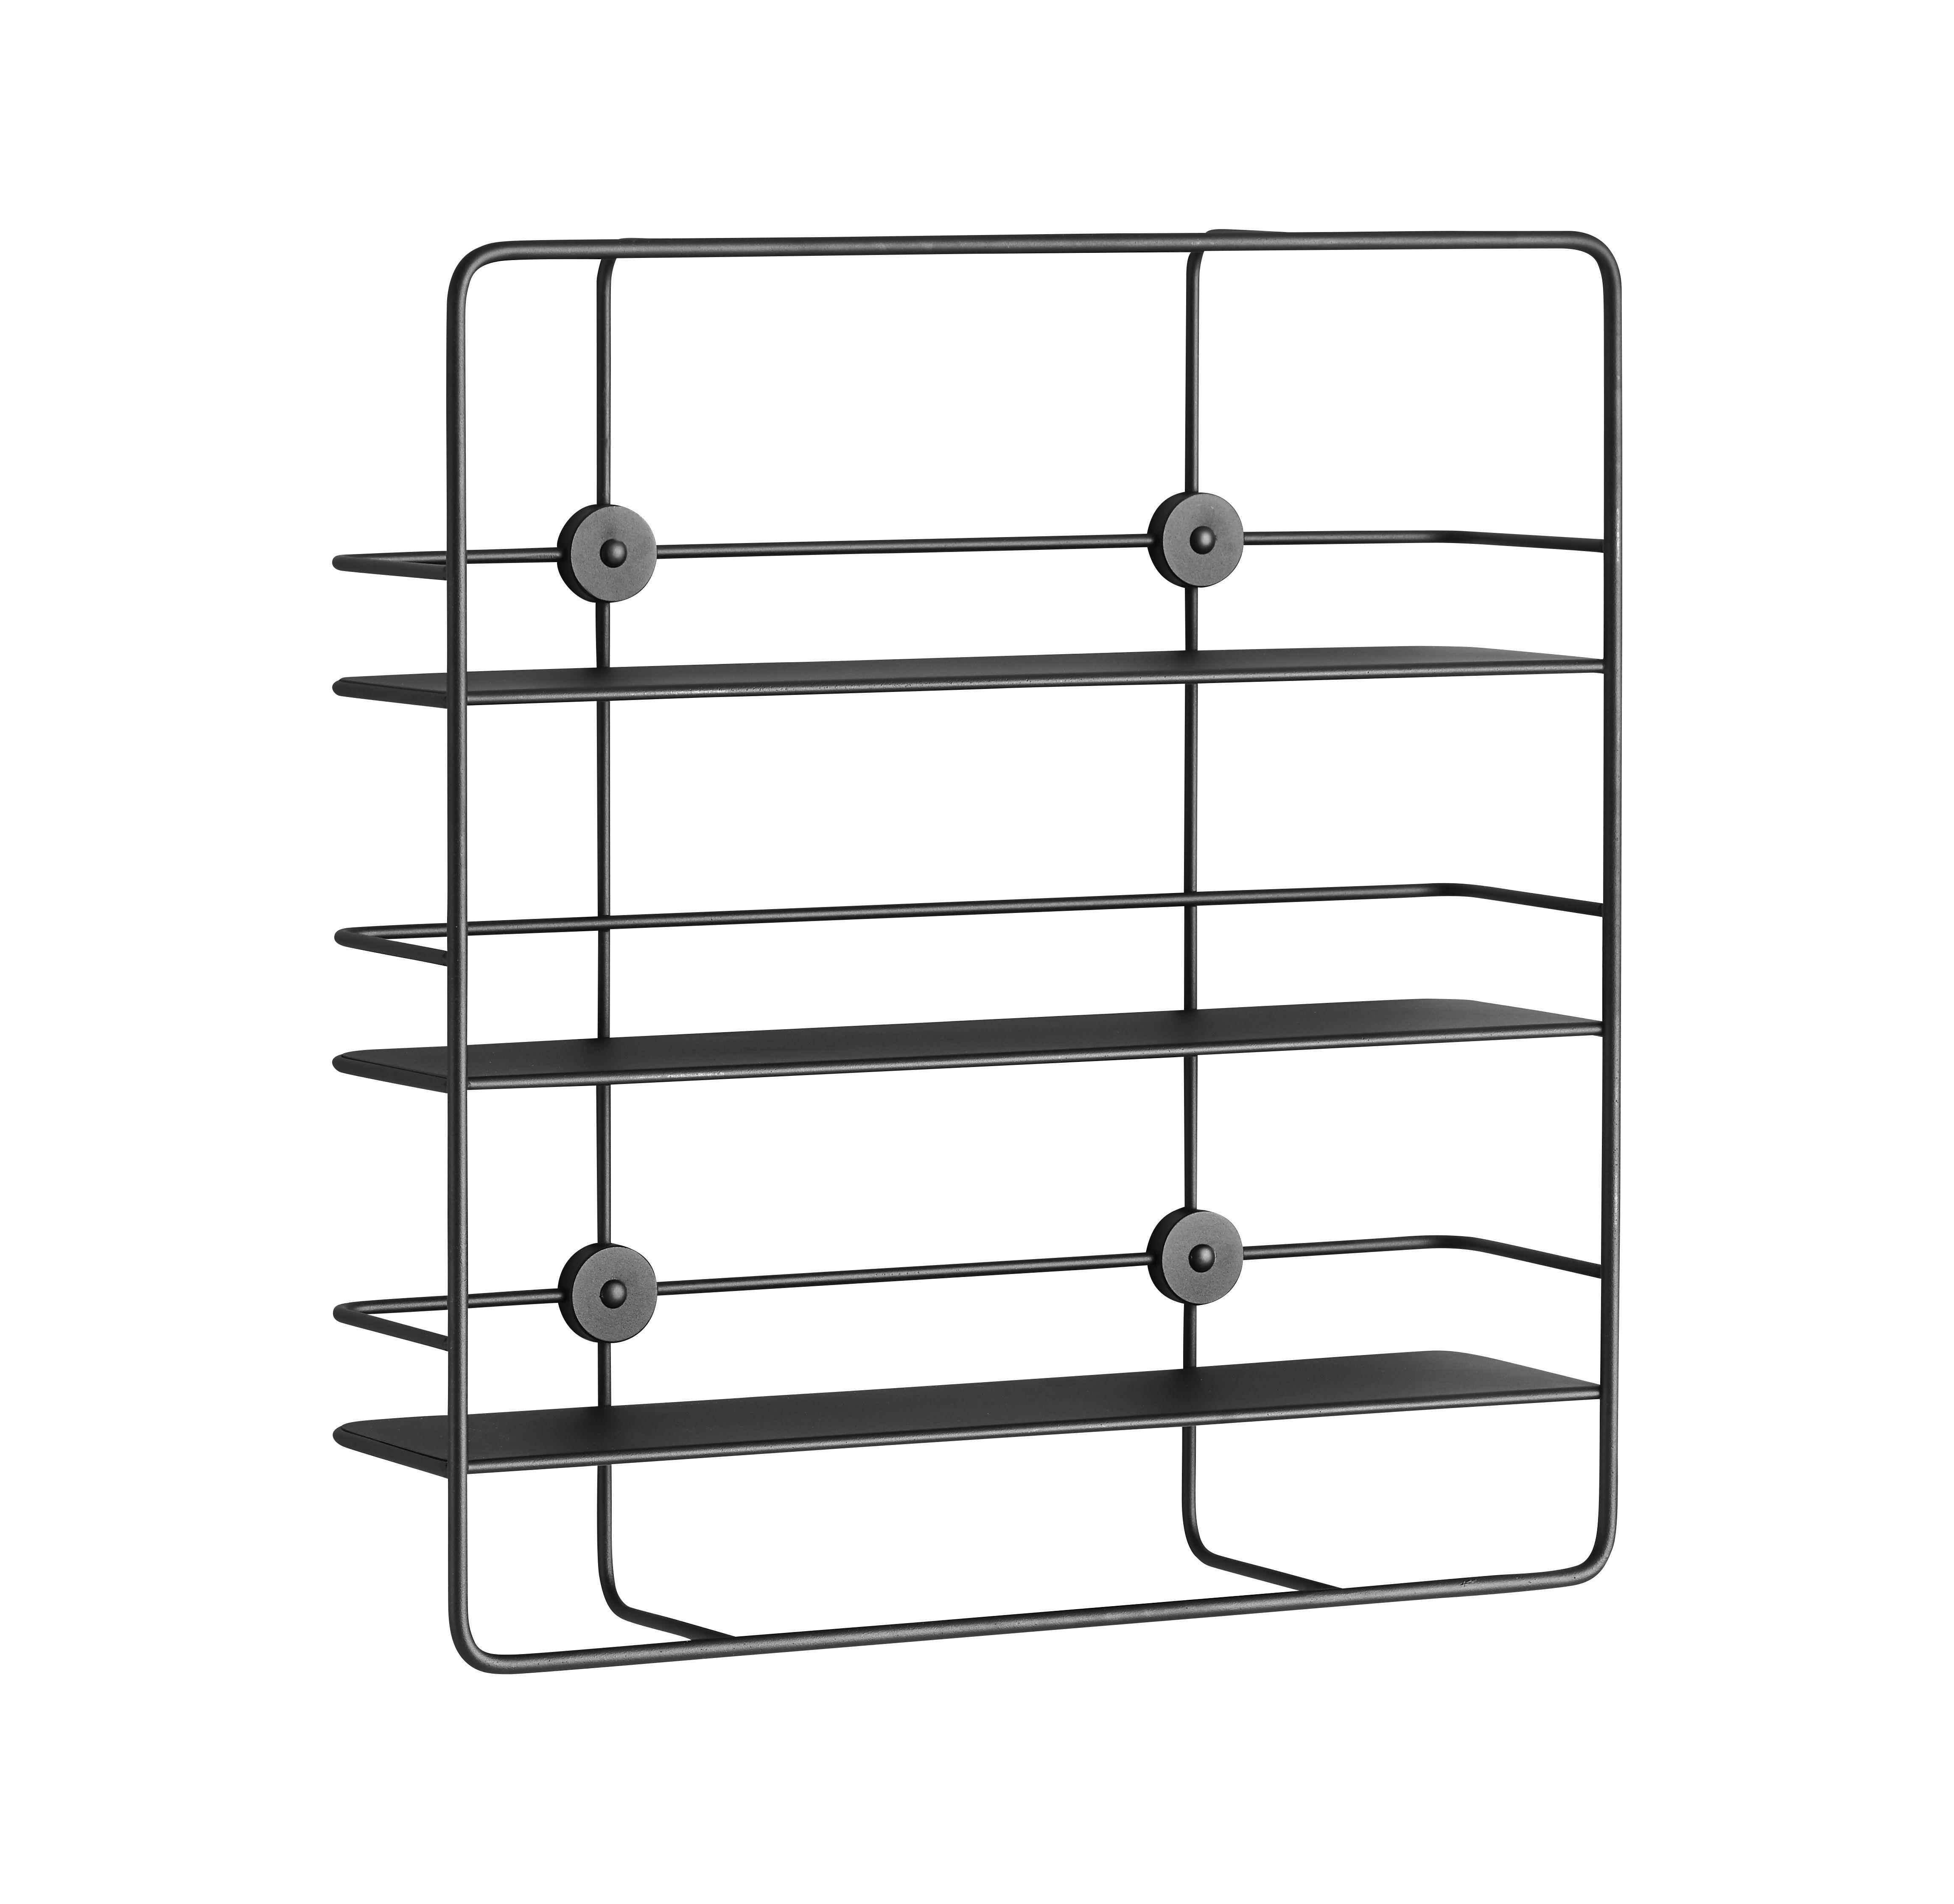 Arredamento - Scaffali e librerie - Mensola Coupé / Rettangolare - Metallo - L 53 x H 56 cm - Woud - Noir - Metallo rivestito in resina epossidica